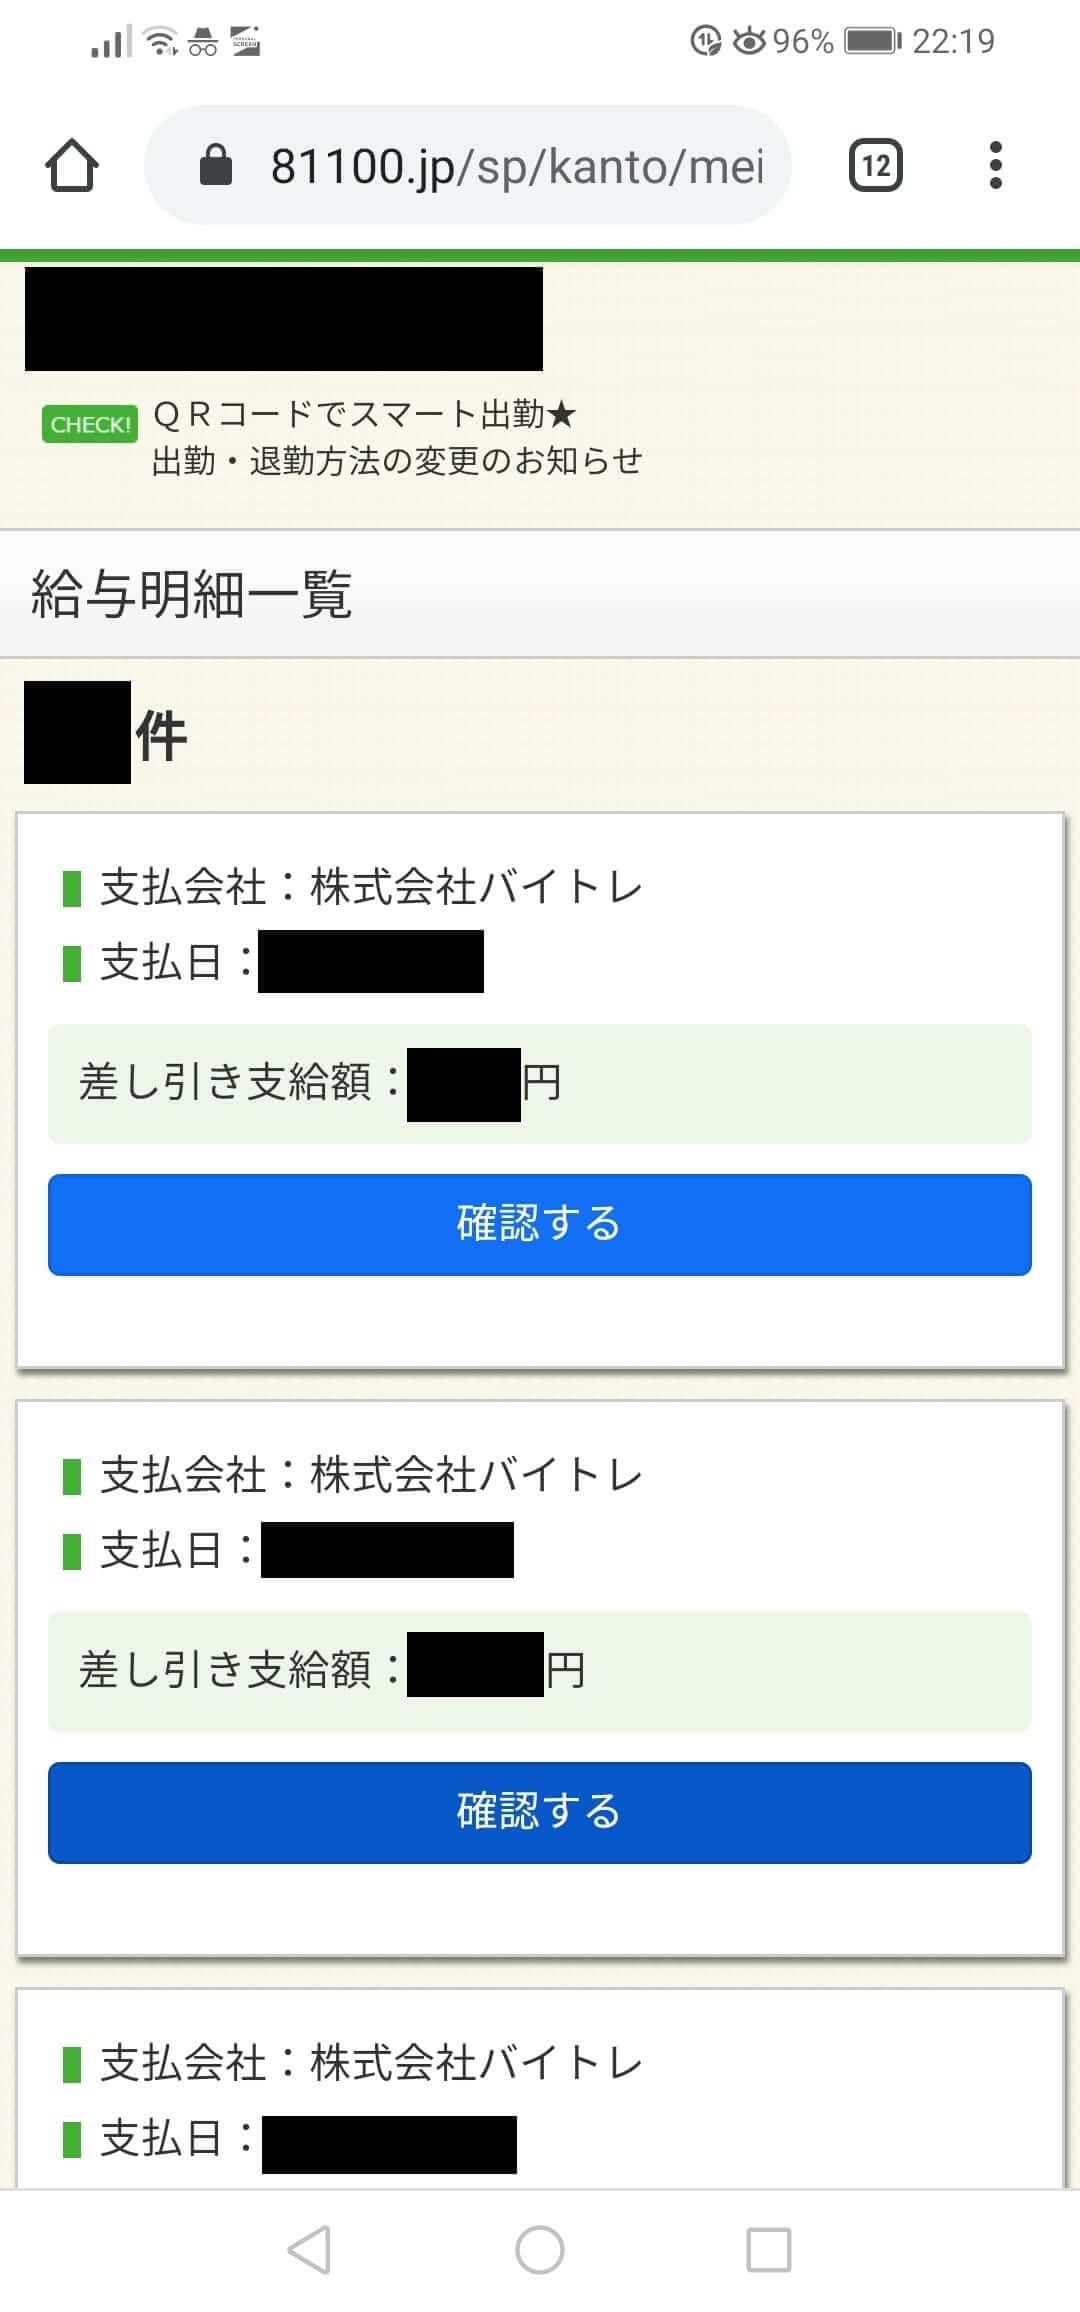 バイトレWEB登録